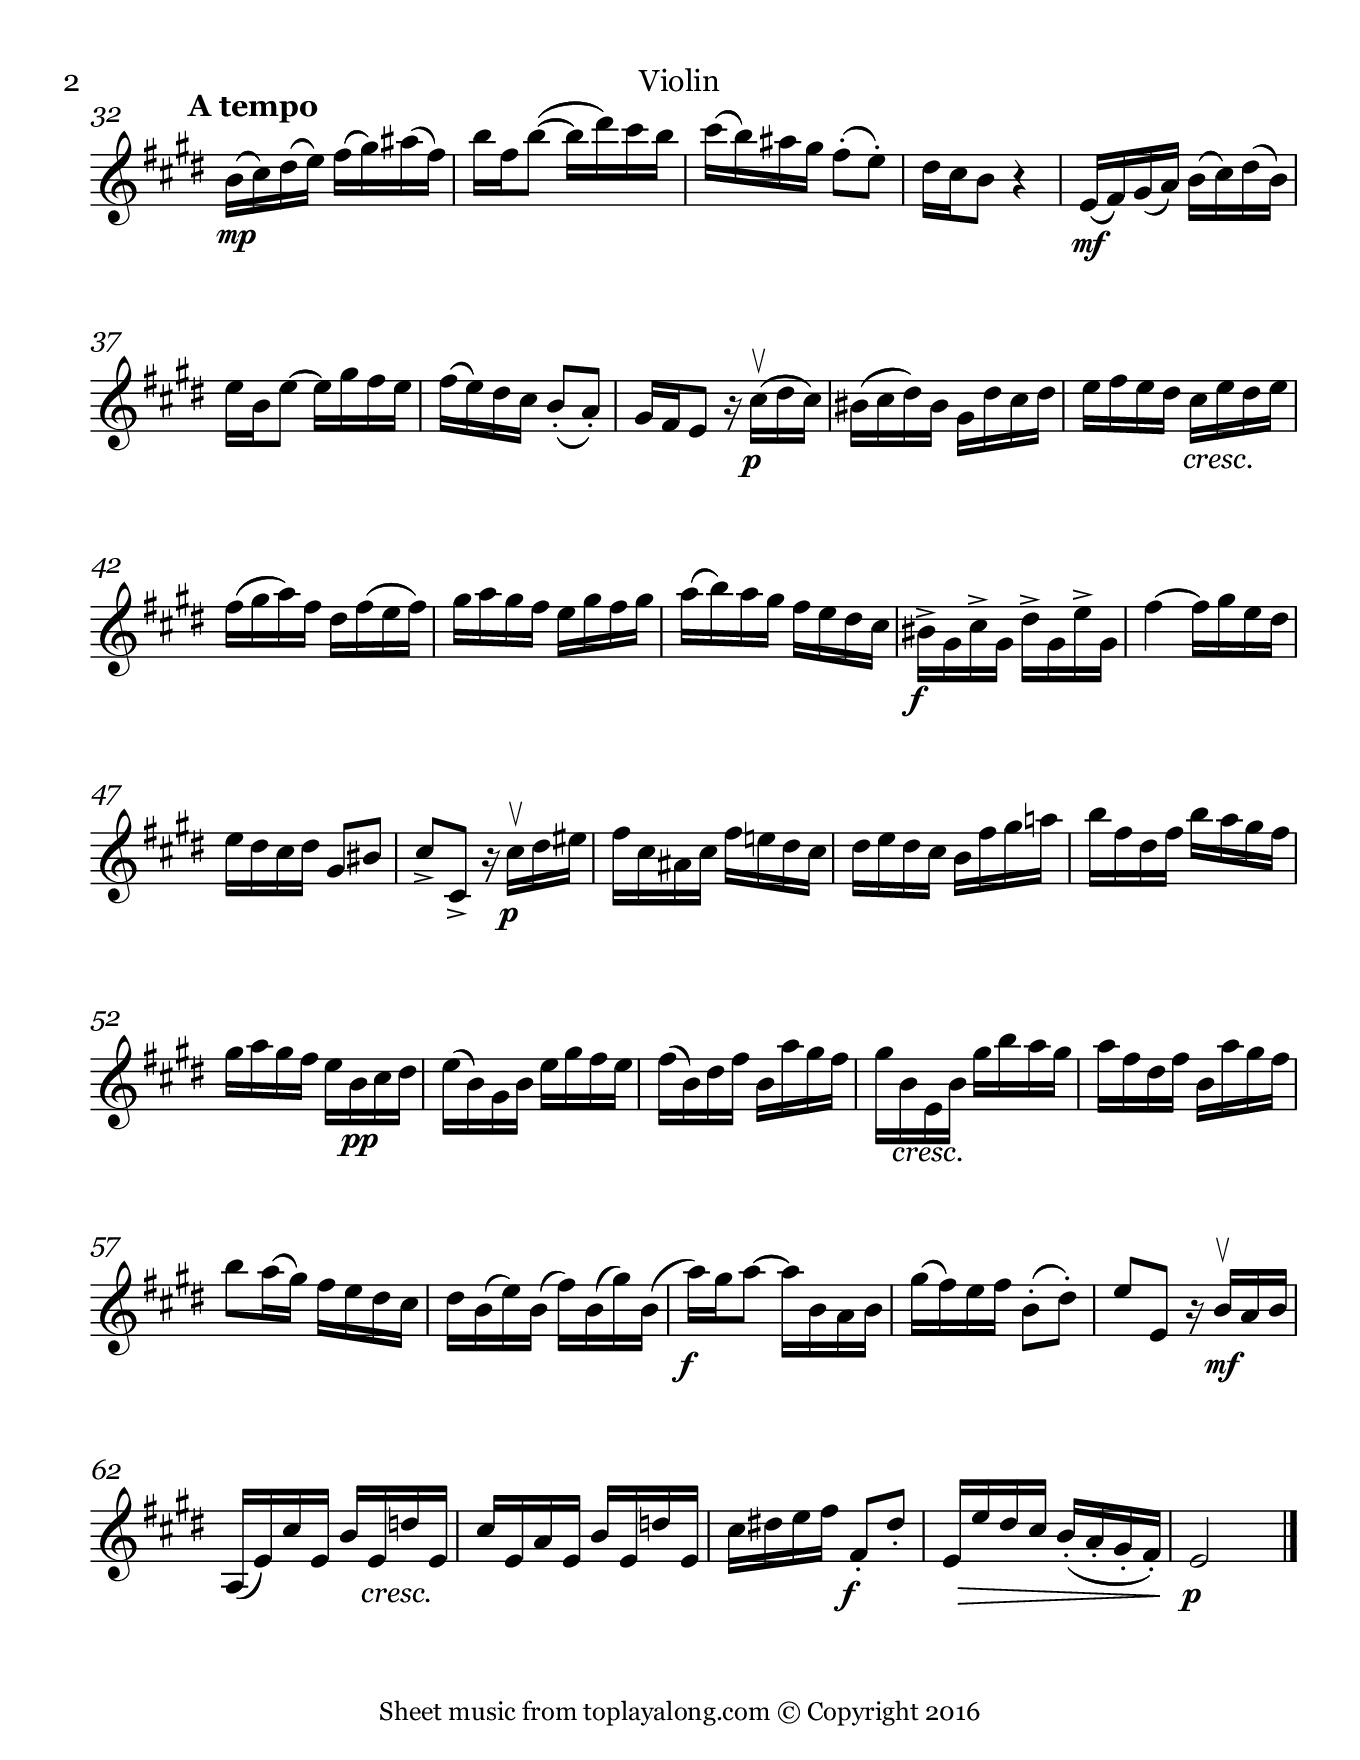 Violin Sonata Op. 1 No. 15 (II. Allegro) by Handel. Sheet music for Violin, page 2.